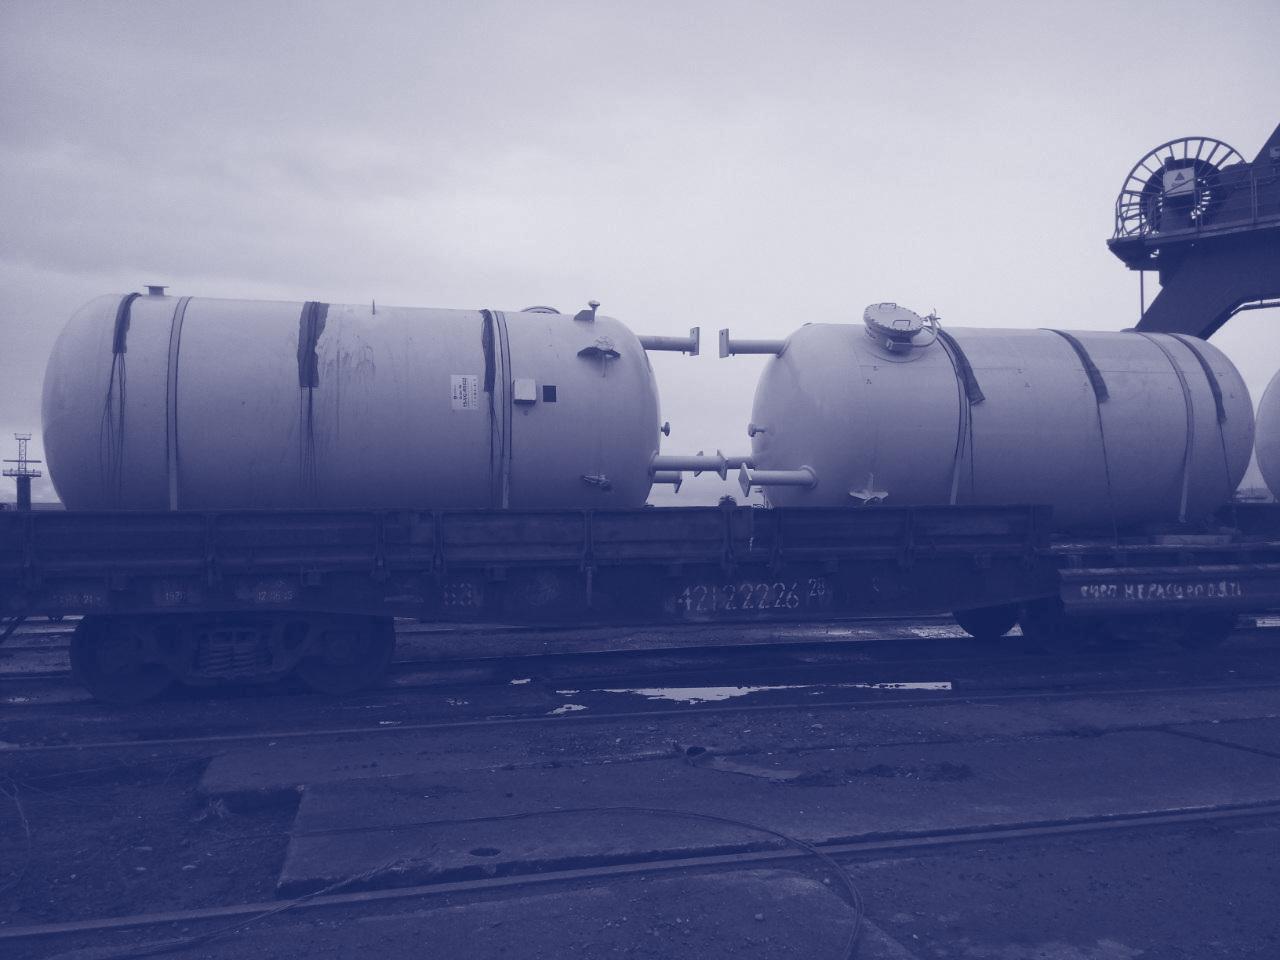 Le transport de l'équipement pétrolier et d'extraction de gaz naturel, des compresseurs de gaz naturel, des réservoirs de stockage de gaz liquéfié.